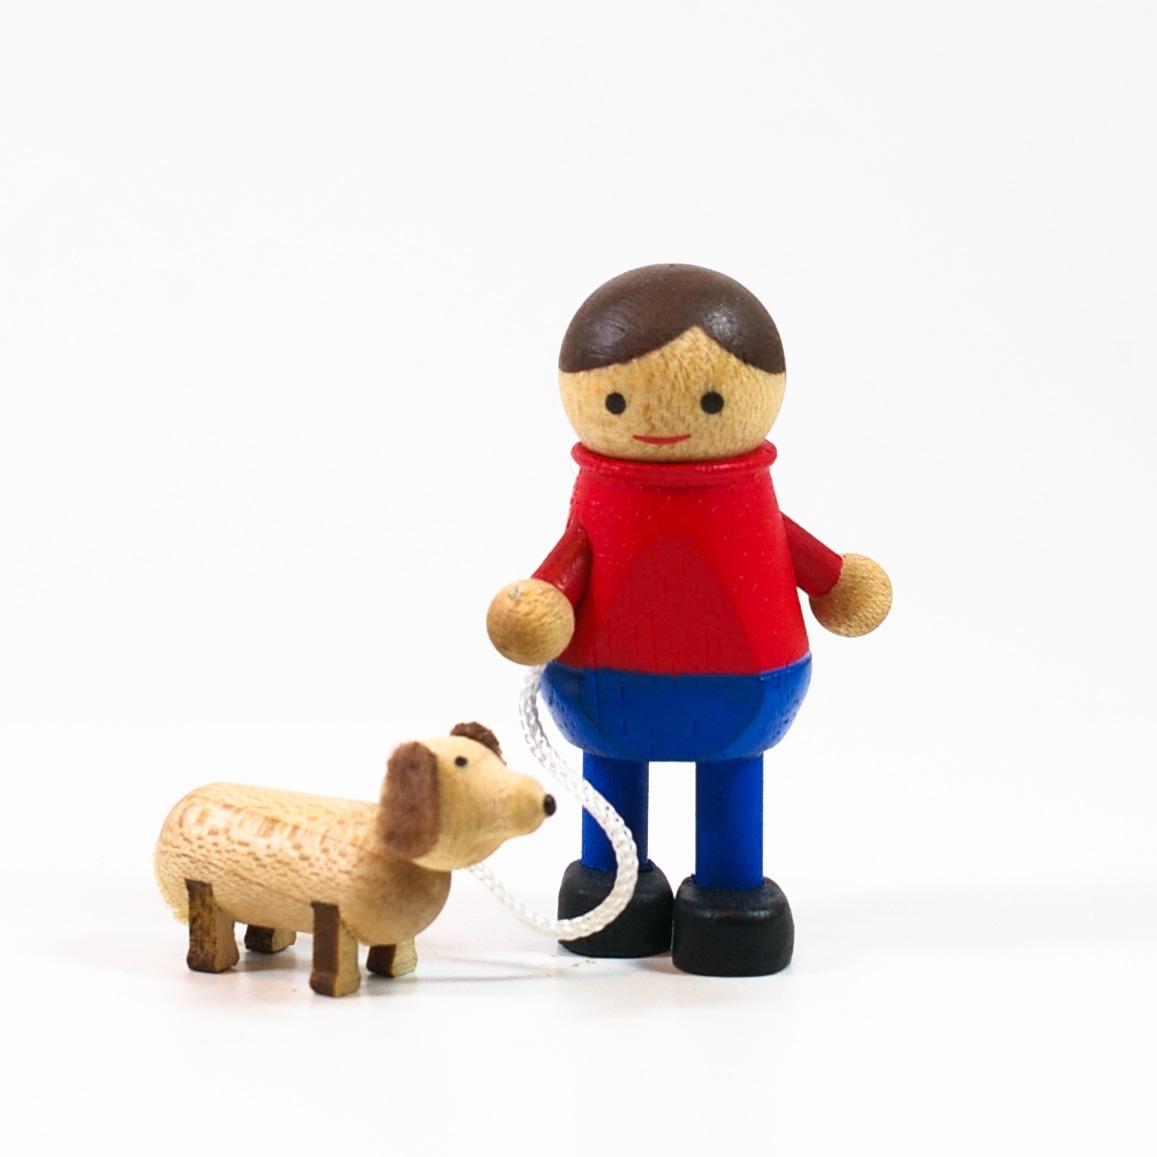 画像1: Mサイズ*犬の散歩 【 wooderful life DIYオルゴールオブジェ 】 (1)